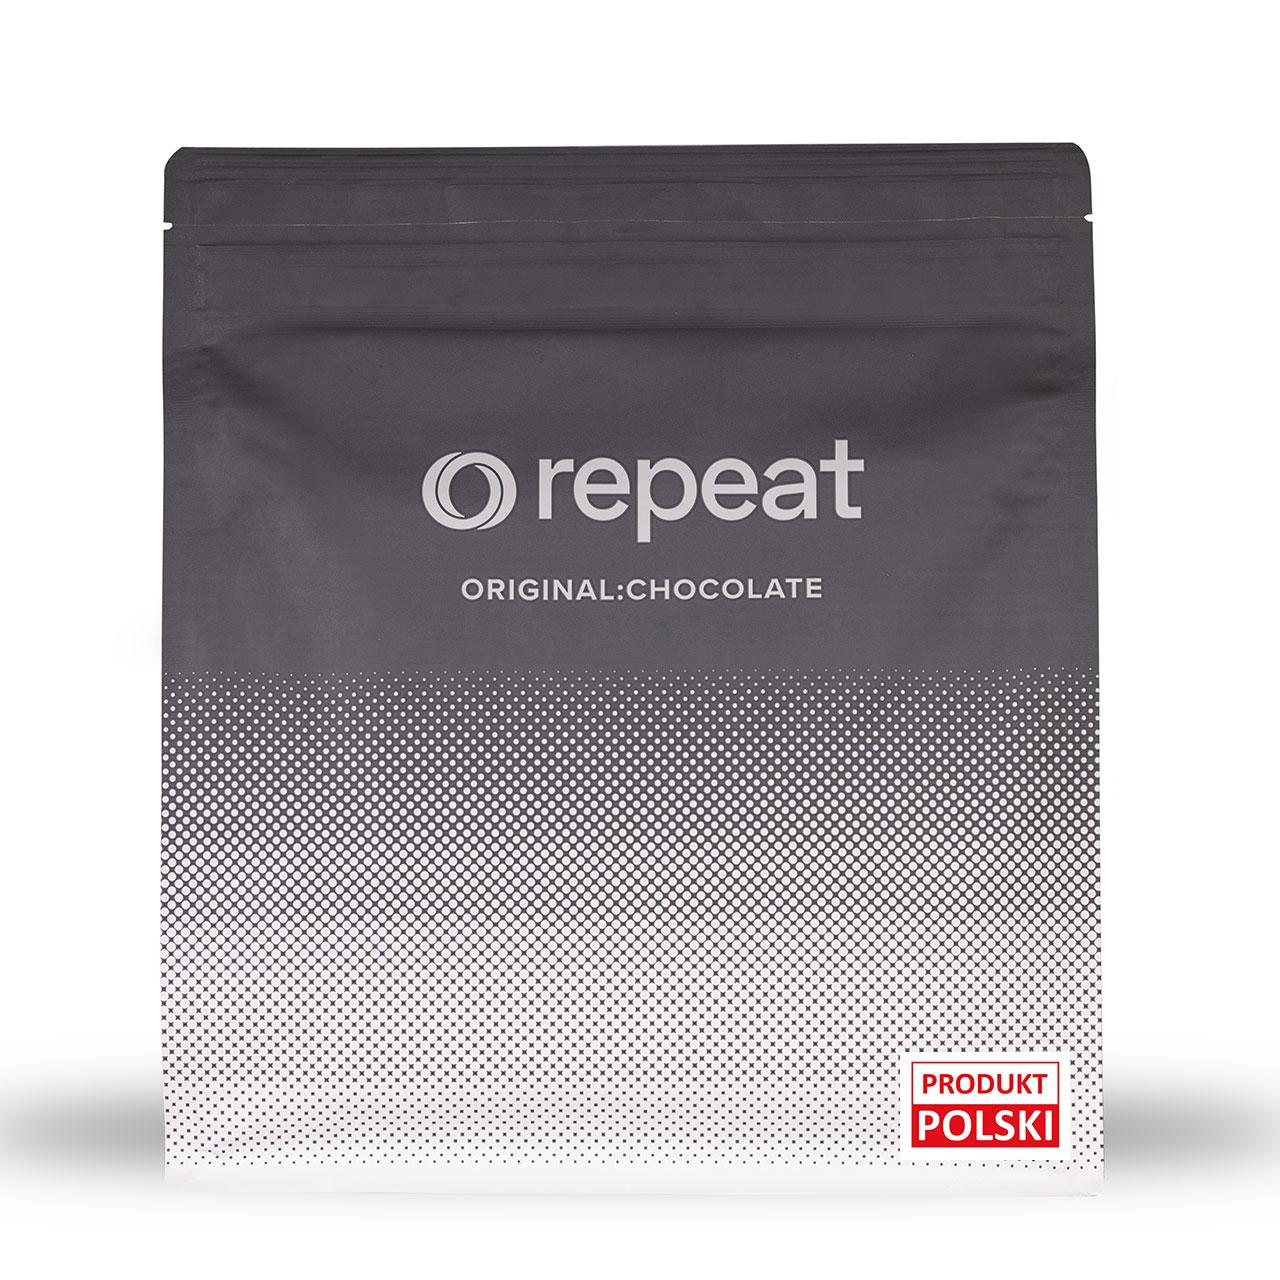 Repeat czekoladowy lekki wegański zamiennik posiłku